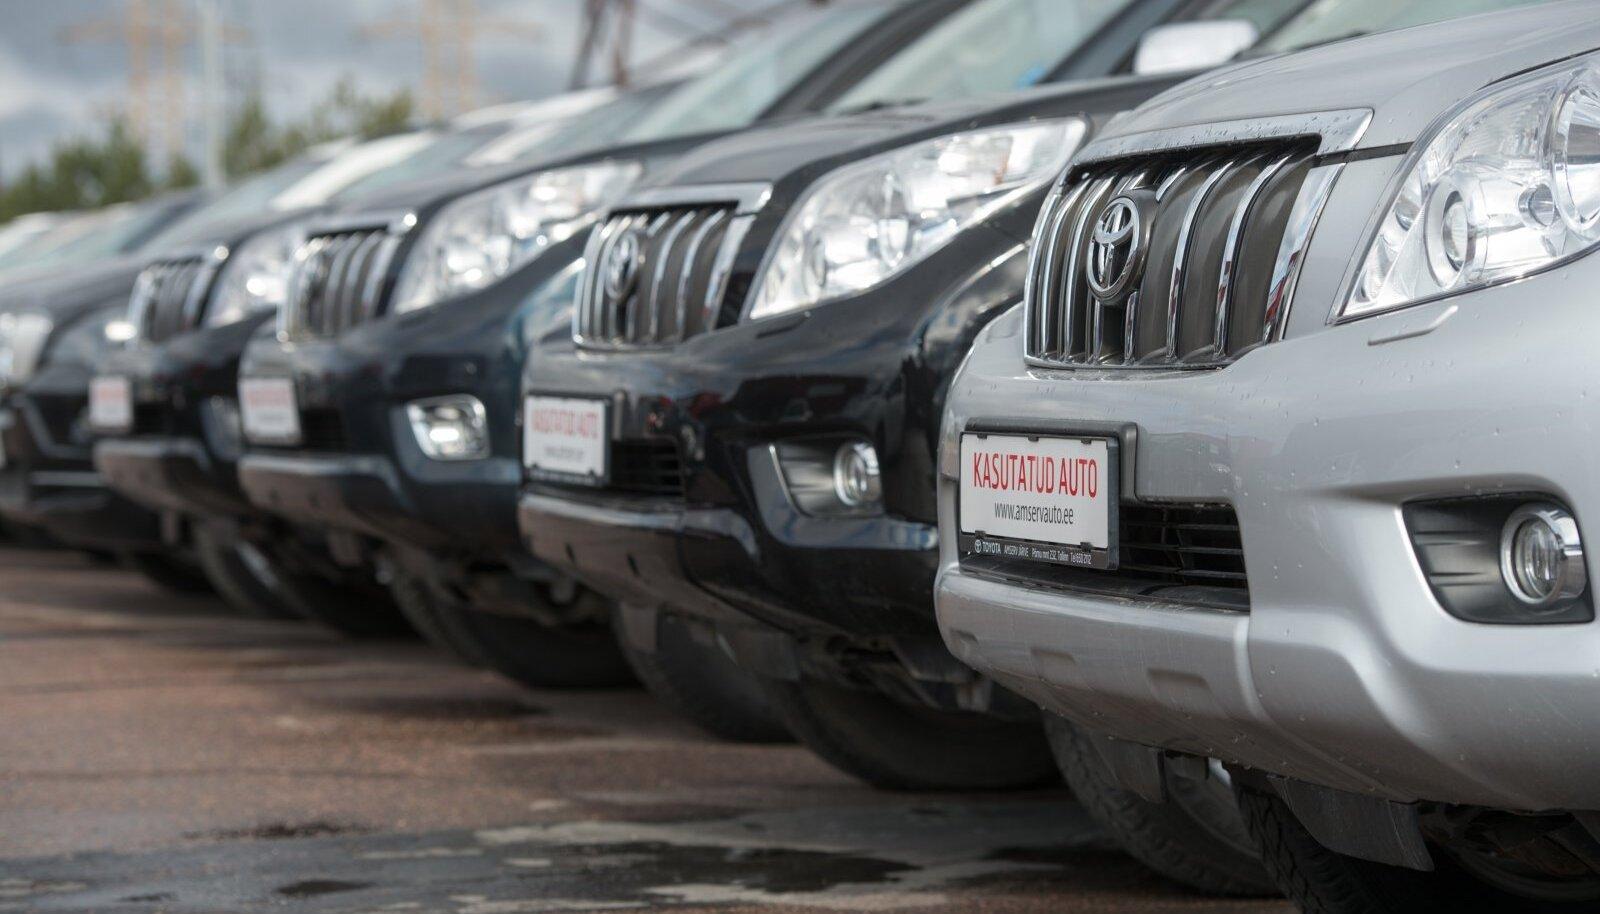 Uutele autodele suurt hinnalangust oodata pole. Soodustusega sõiduki võib leida vähekasutatud autode seast, kus võib põhimõtteliselt kohe ka sobiva mudeli peale sattuda.